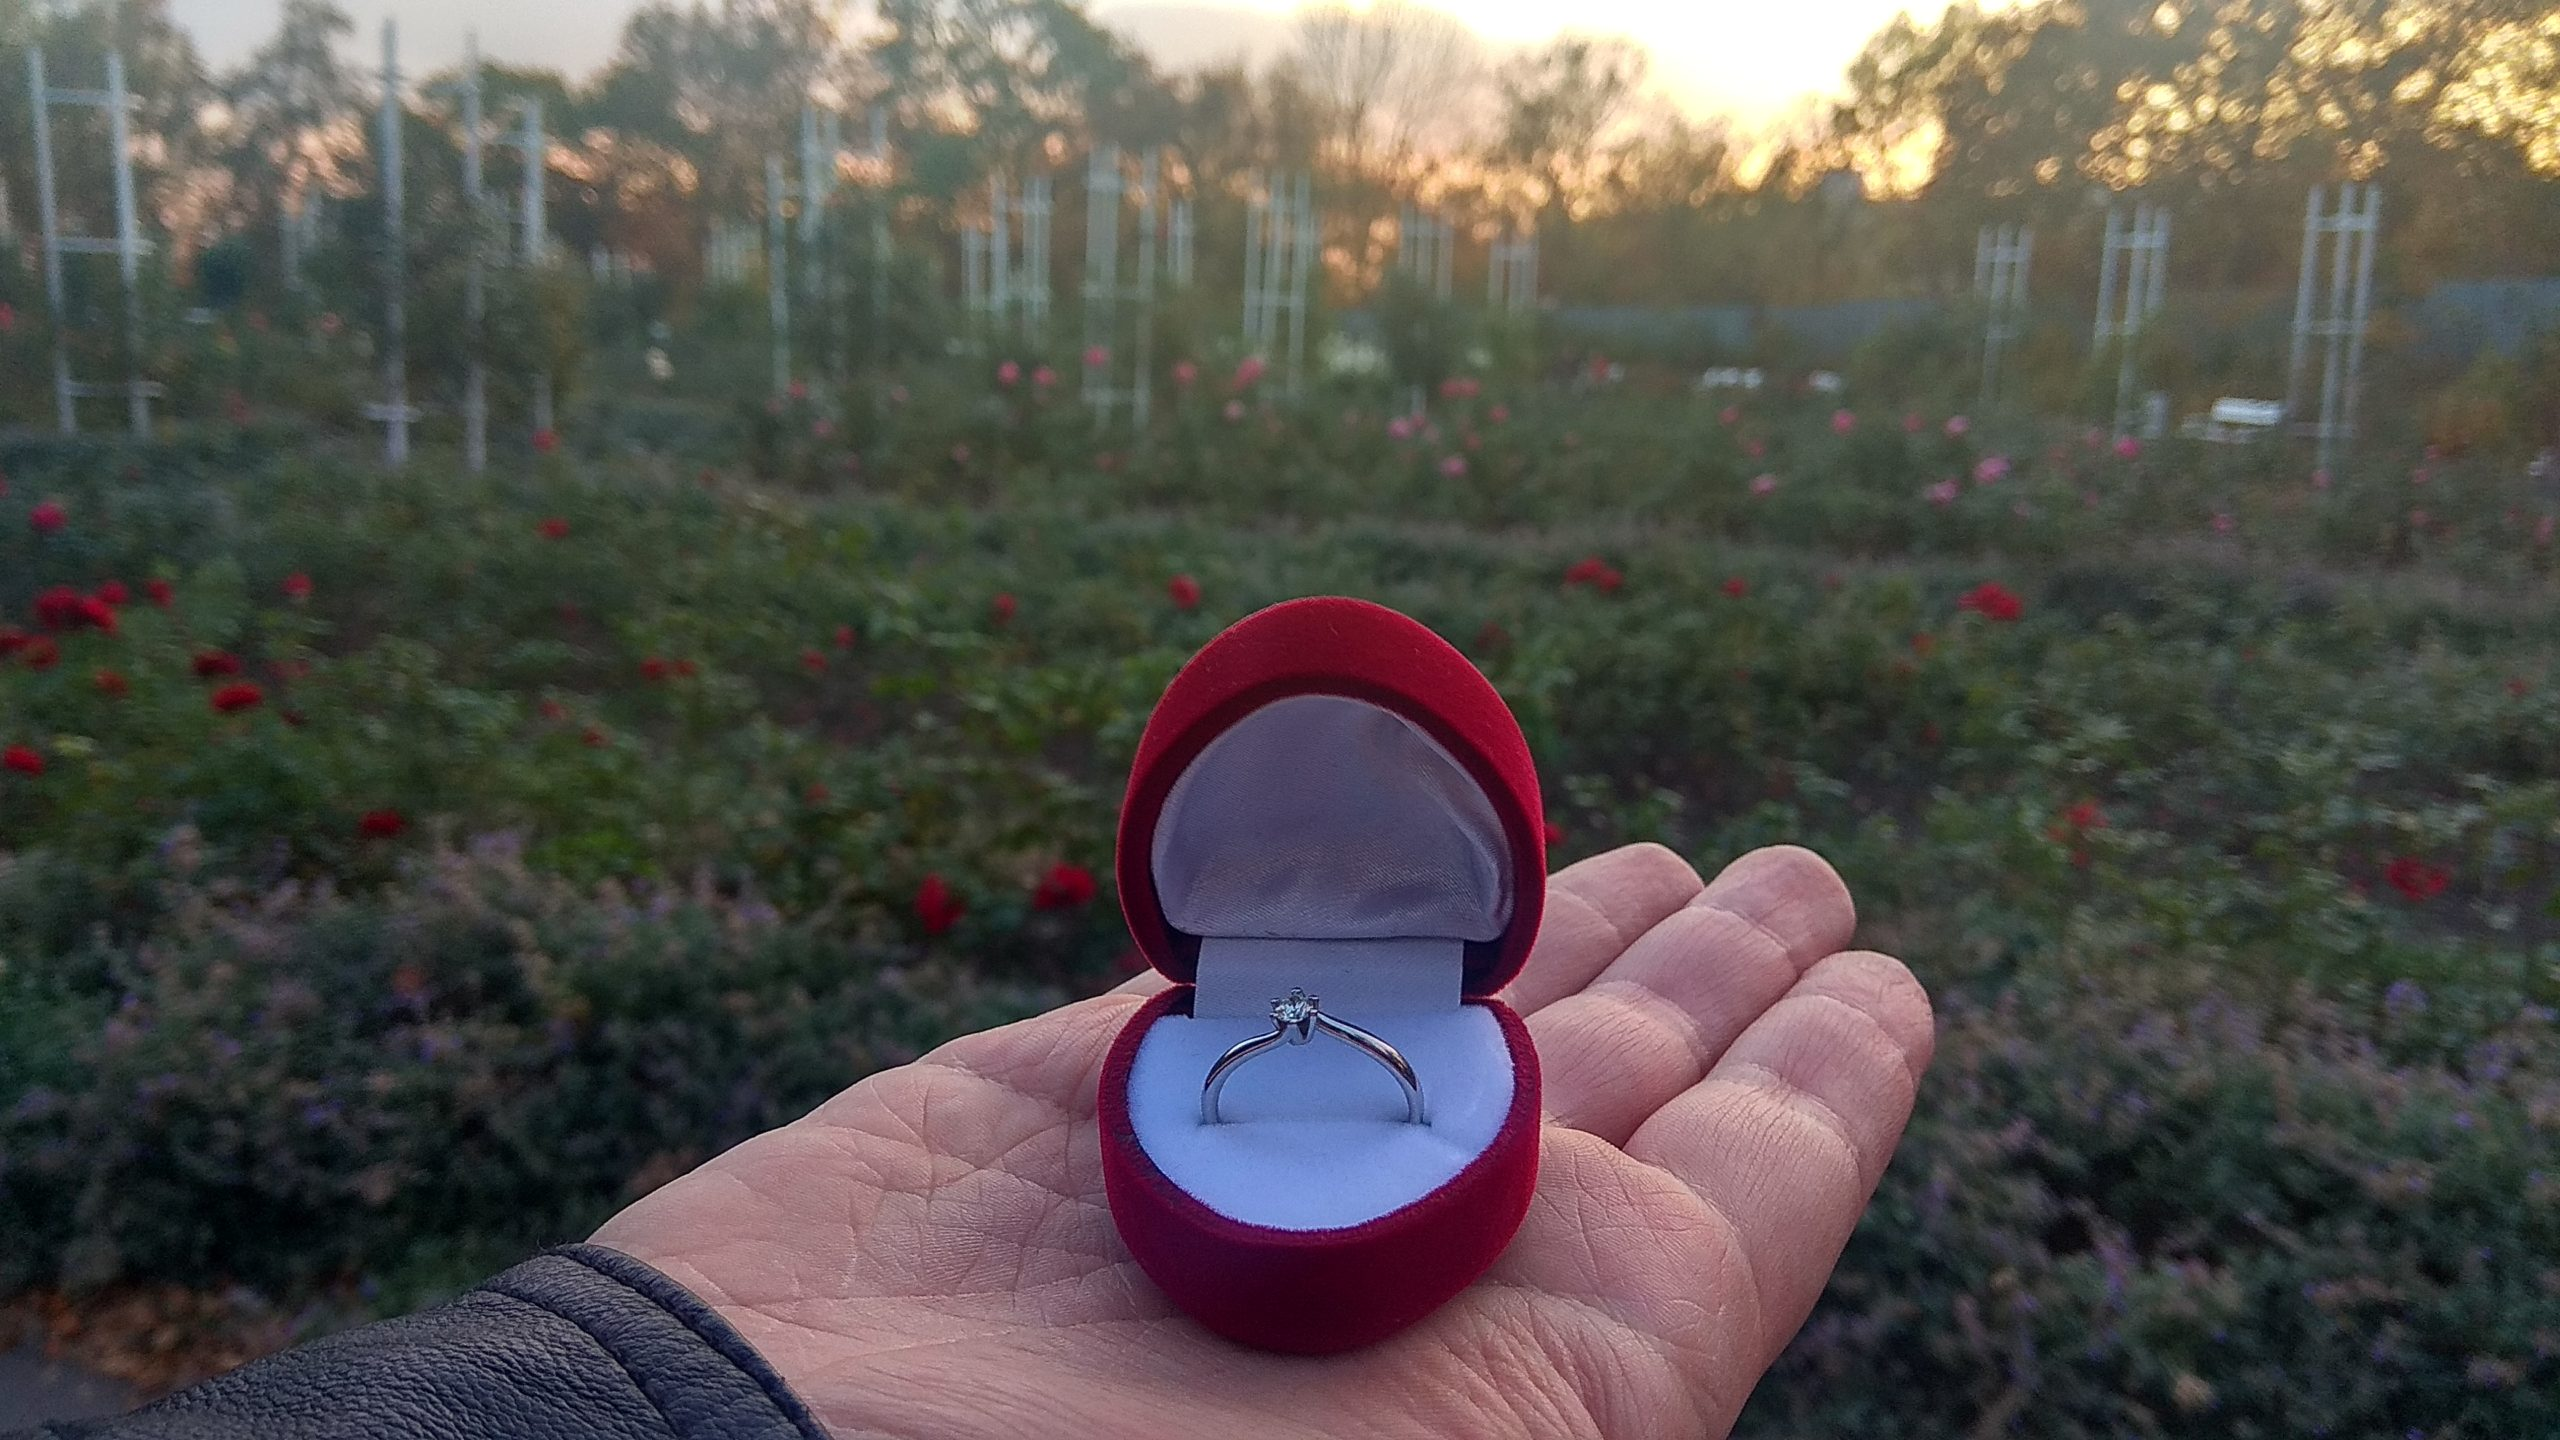 Kitti története: így kérték meg a kezét egy rózsaligetben egy prágai utazás során